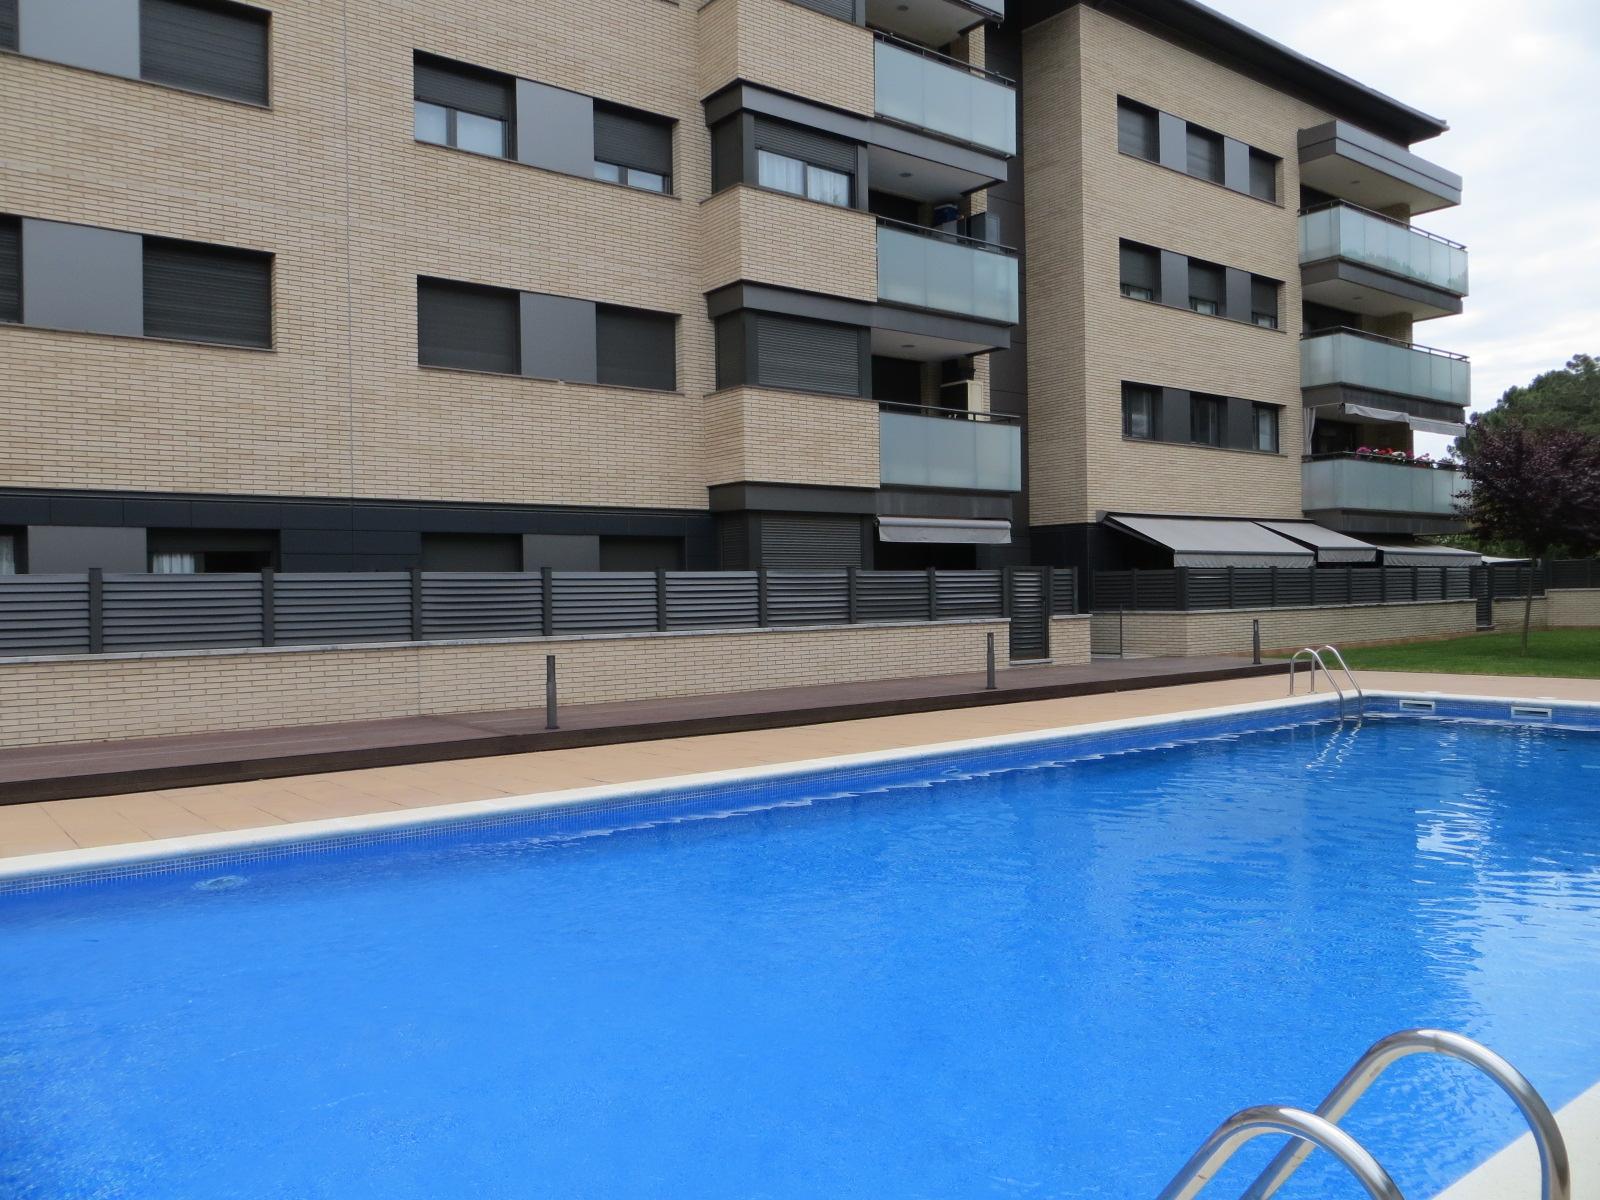 Аренда апартаментов и вилл в Испании